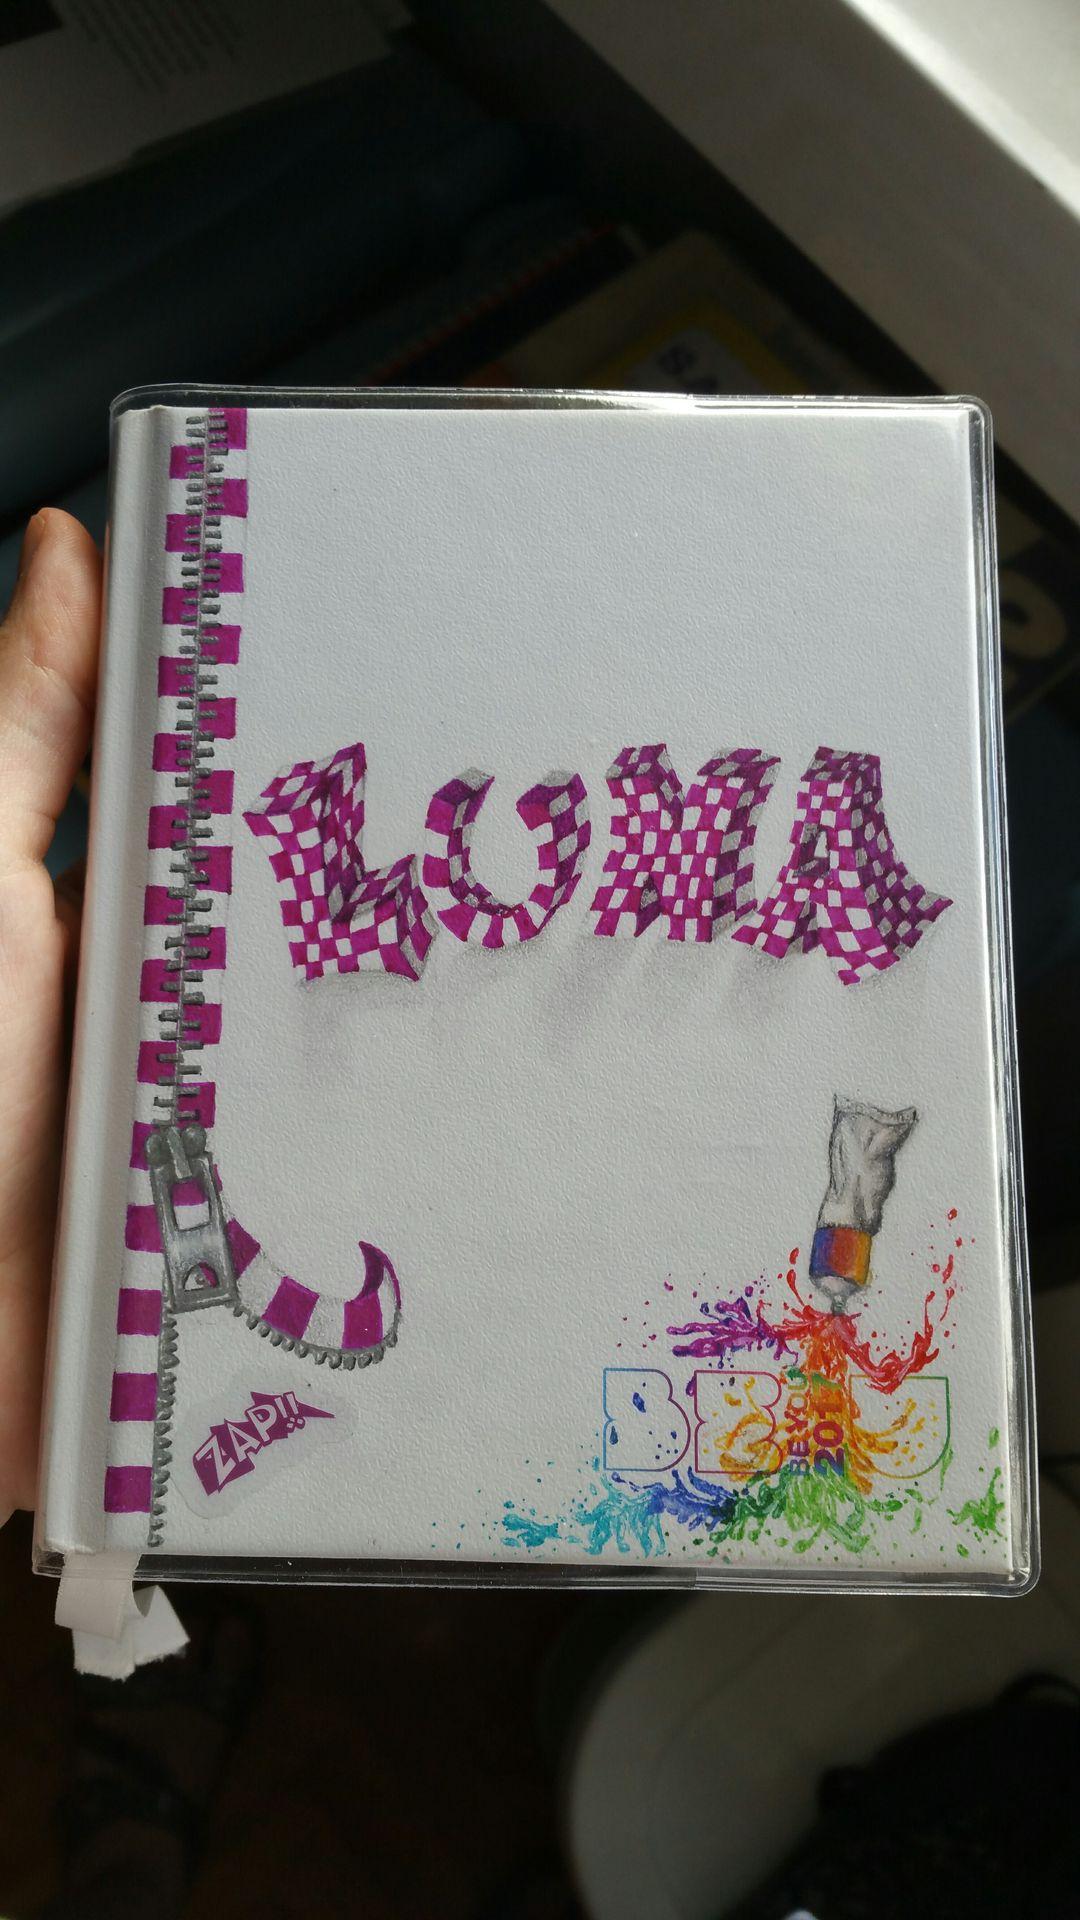 Eccezionale I miei disegni - IL MIO DIARIO BE U! - Wattpad YH65